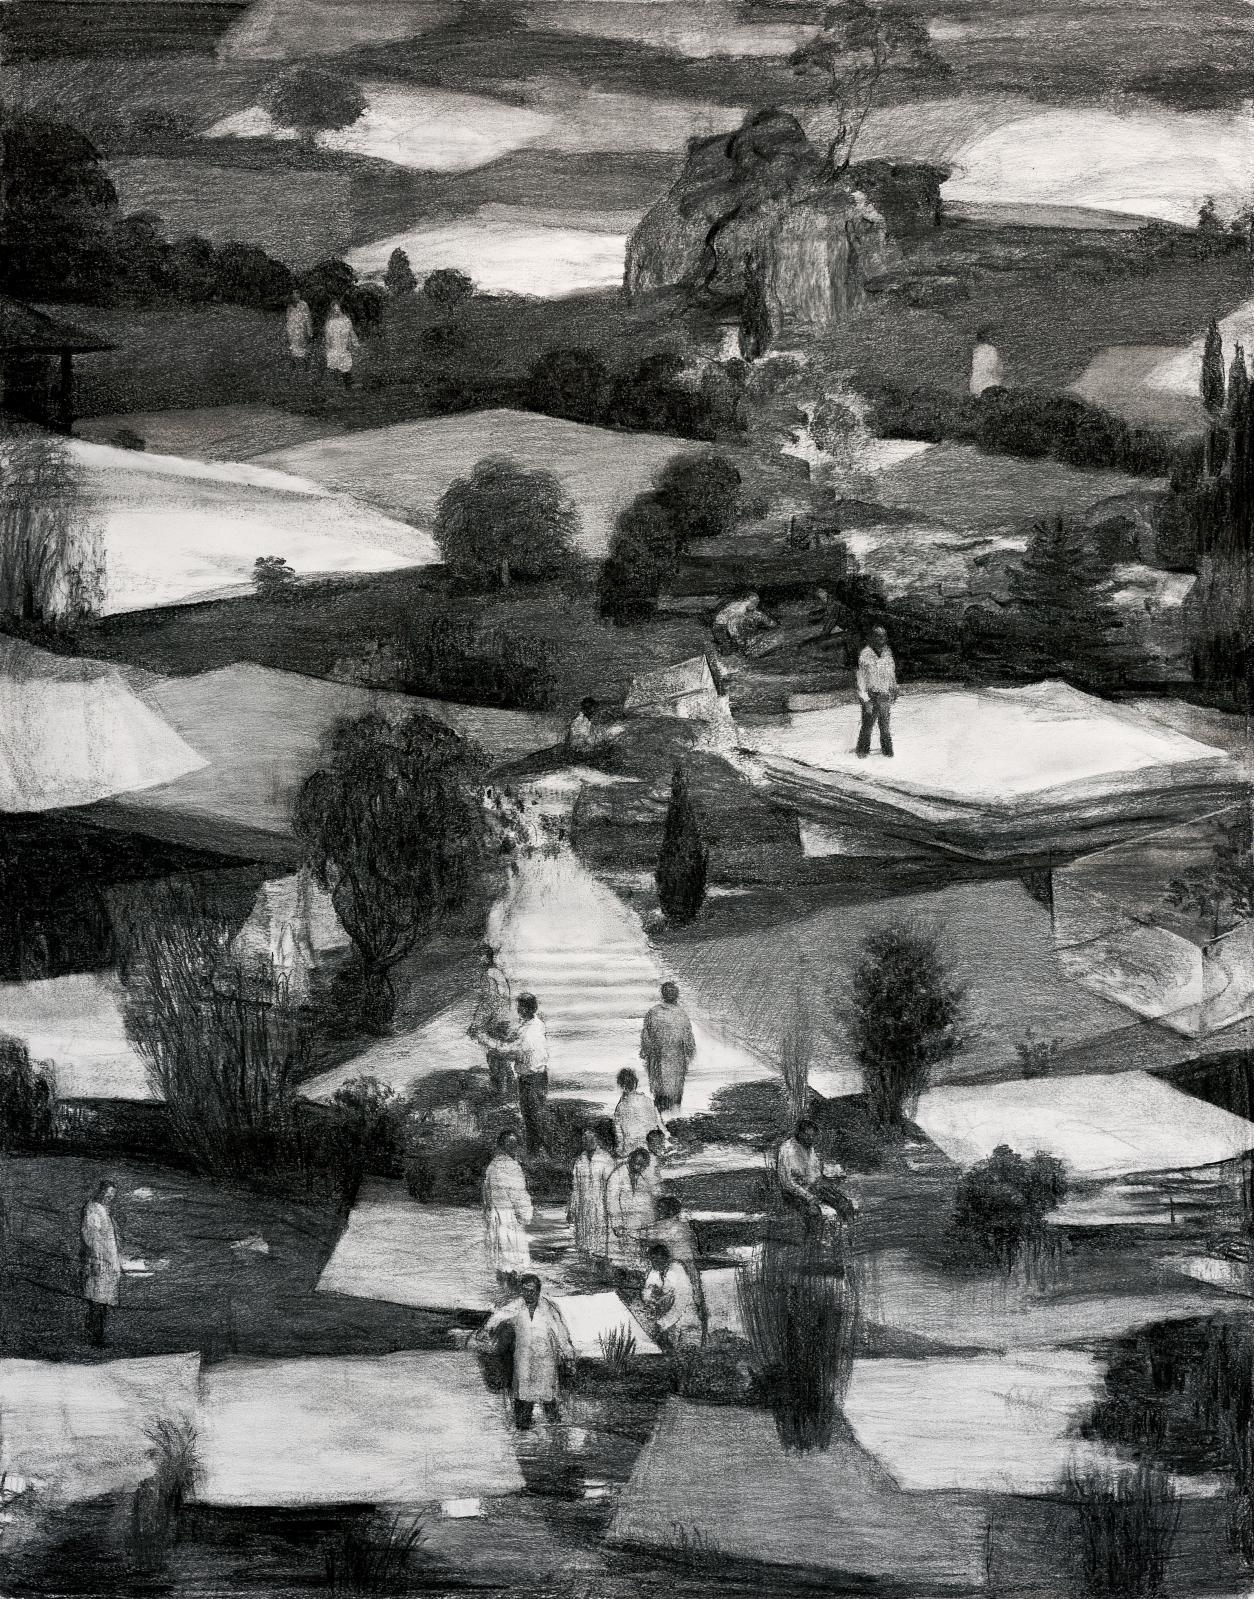 Peter Martensen (né en 1953), The Unwanted II, 2017, fusain sur papier, 125x98cm. COURTESY PETER MARTENSEN & GALERIE MARIA LUND.PHOTO HENRIK PETIT